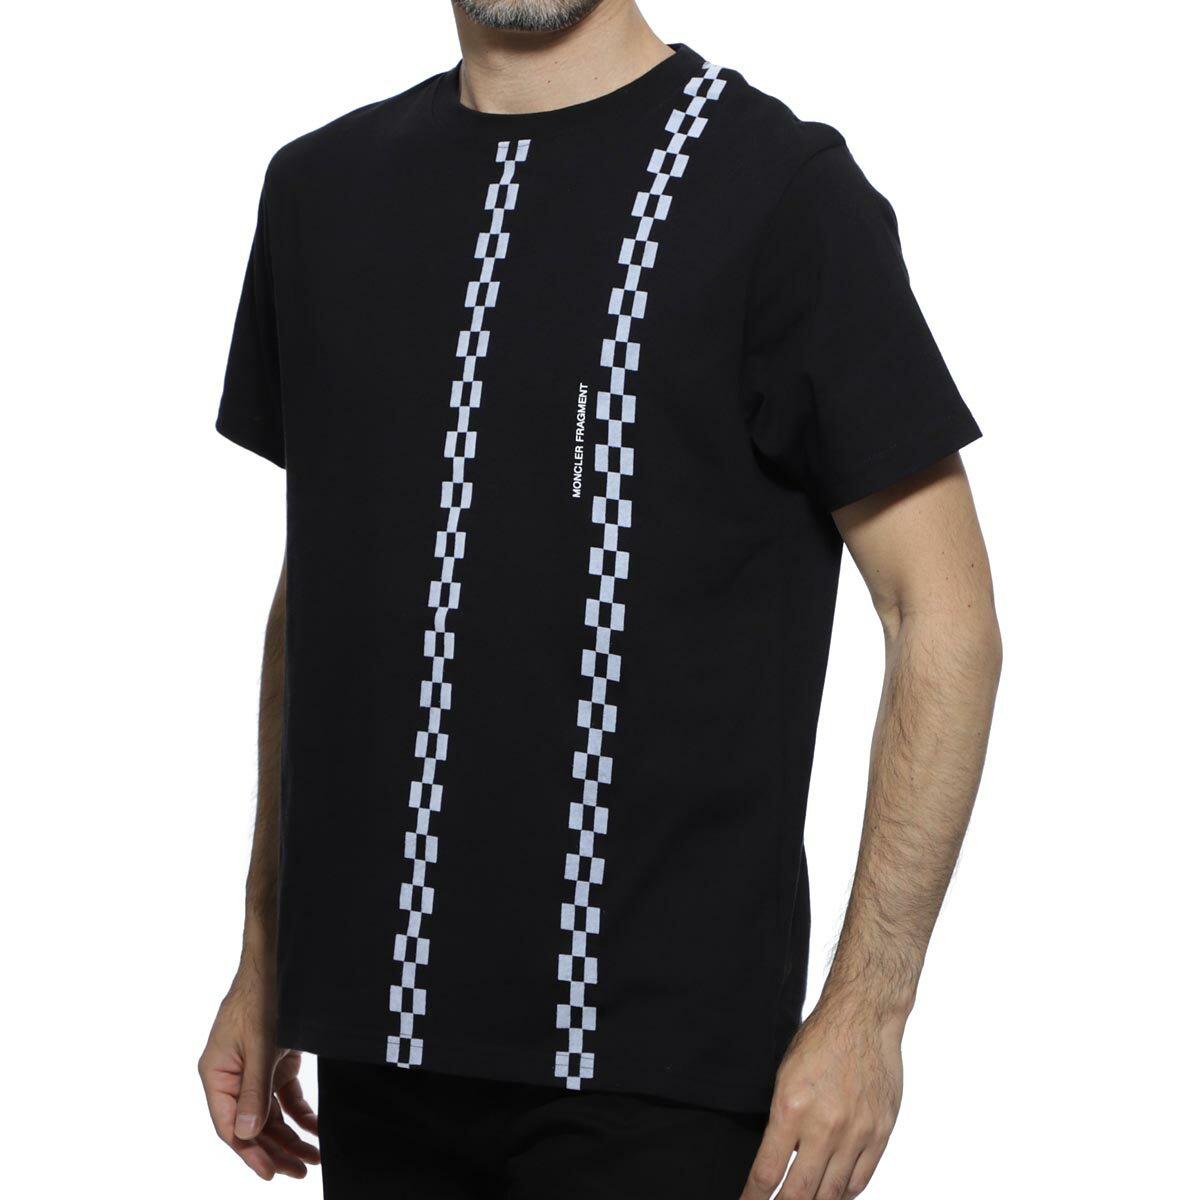 トップス, Tシャツ・カットソー  MONCLER T 8002550 8392b 999 MONCLER GENIUS 7 FRAGMENT HIROSHI FUJIWARA